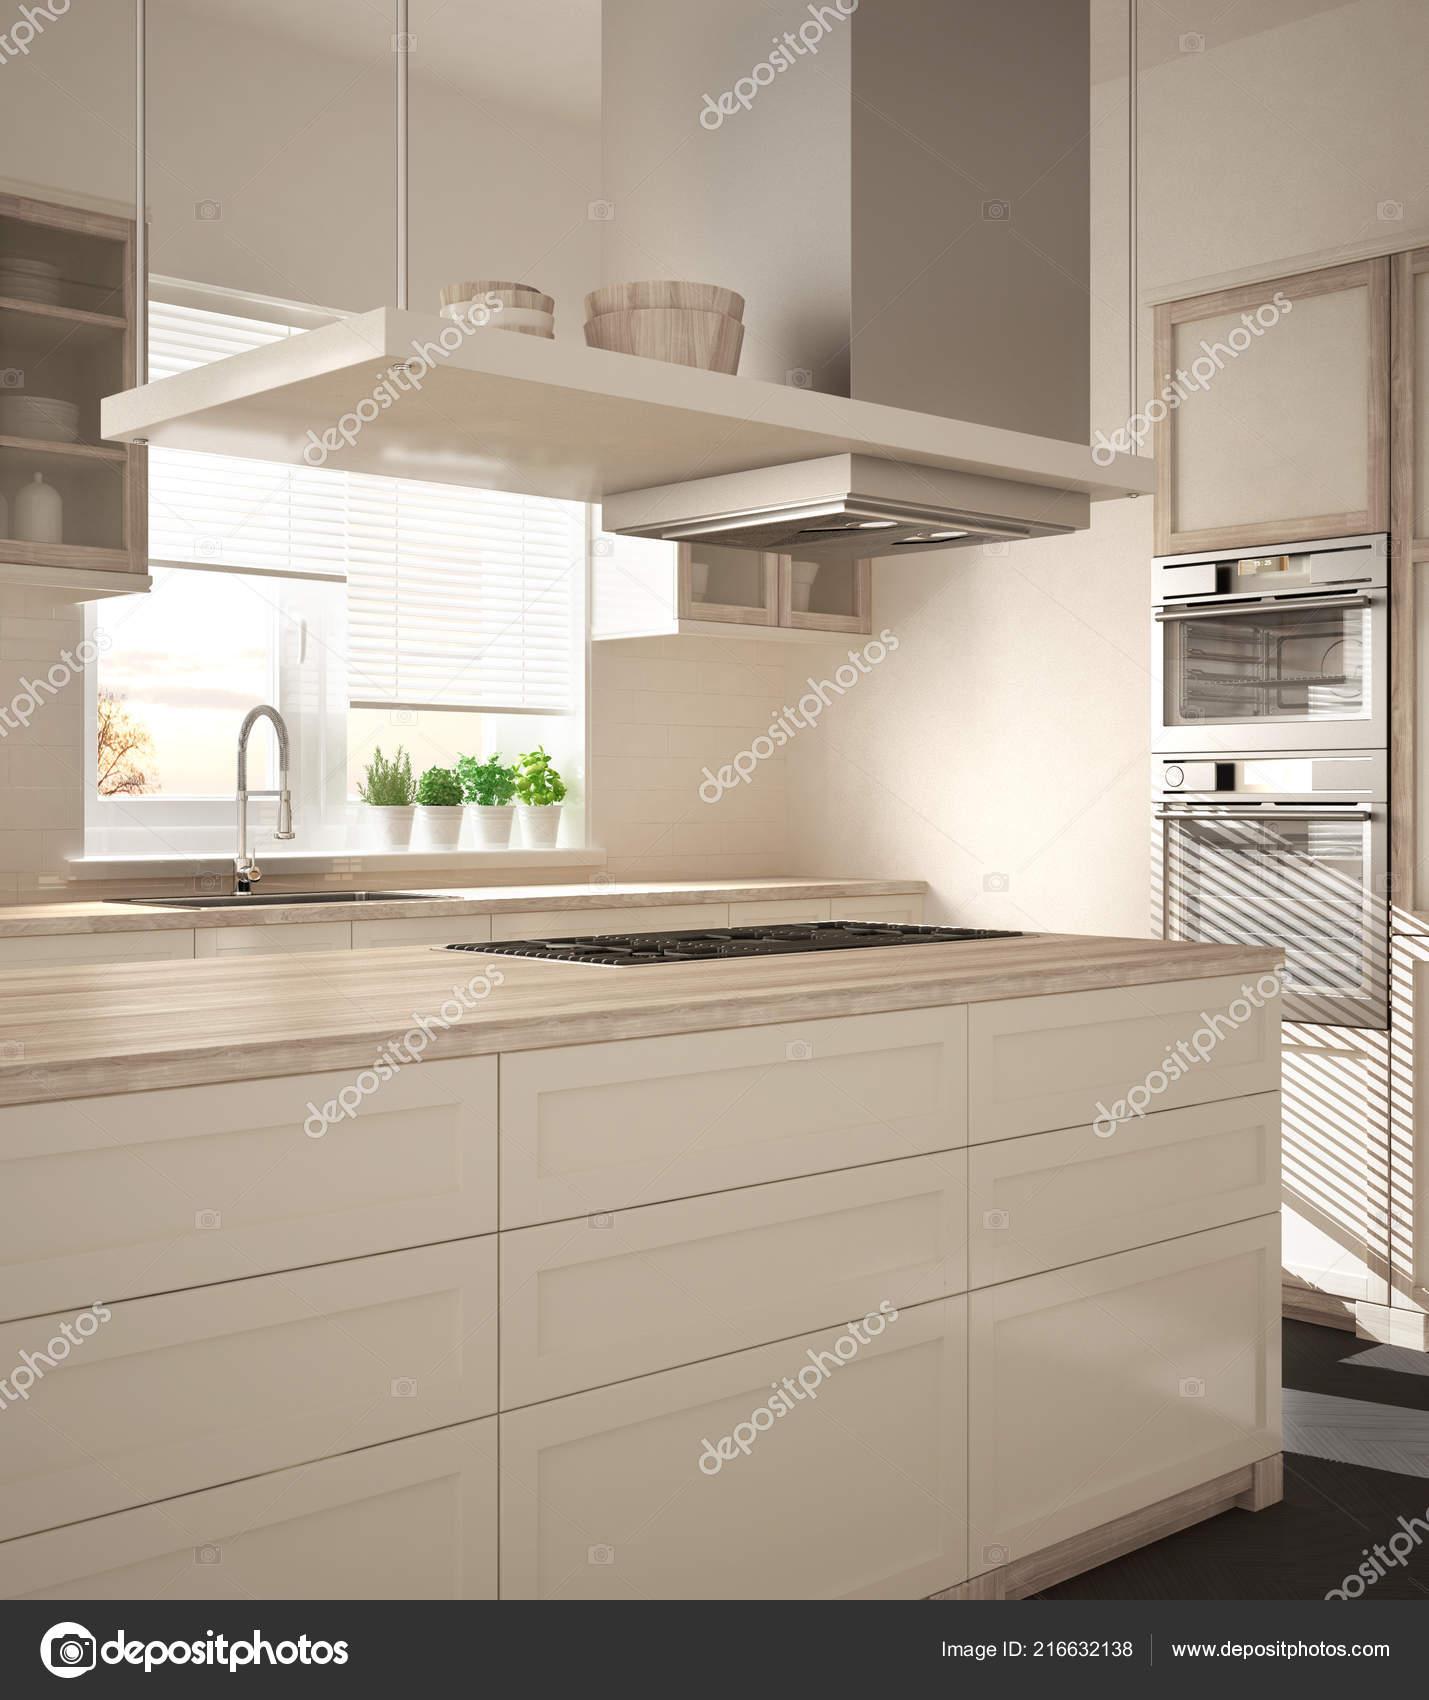 blanco kitchen sink commercial door 现代木和白色厨房与海岛气体火炉和水槽镶木地板建筑简约室内设计 图库 现代木和白色厨房与海岛气体火炉和水槽镶木地板建筑简约